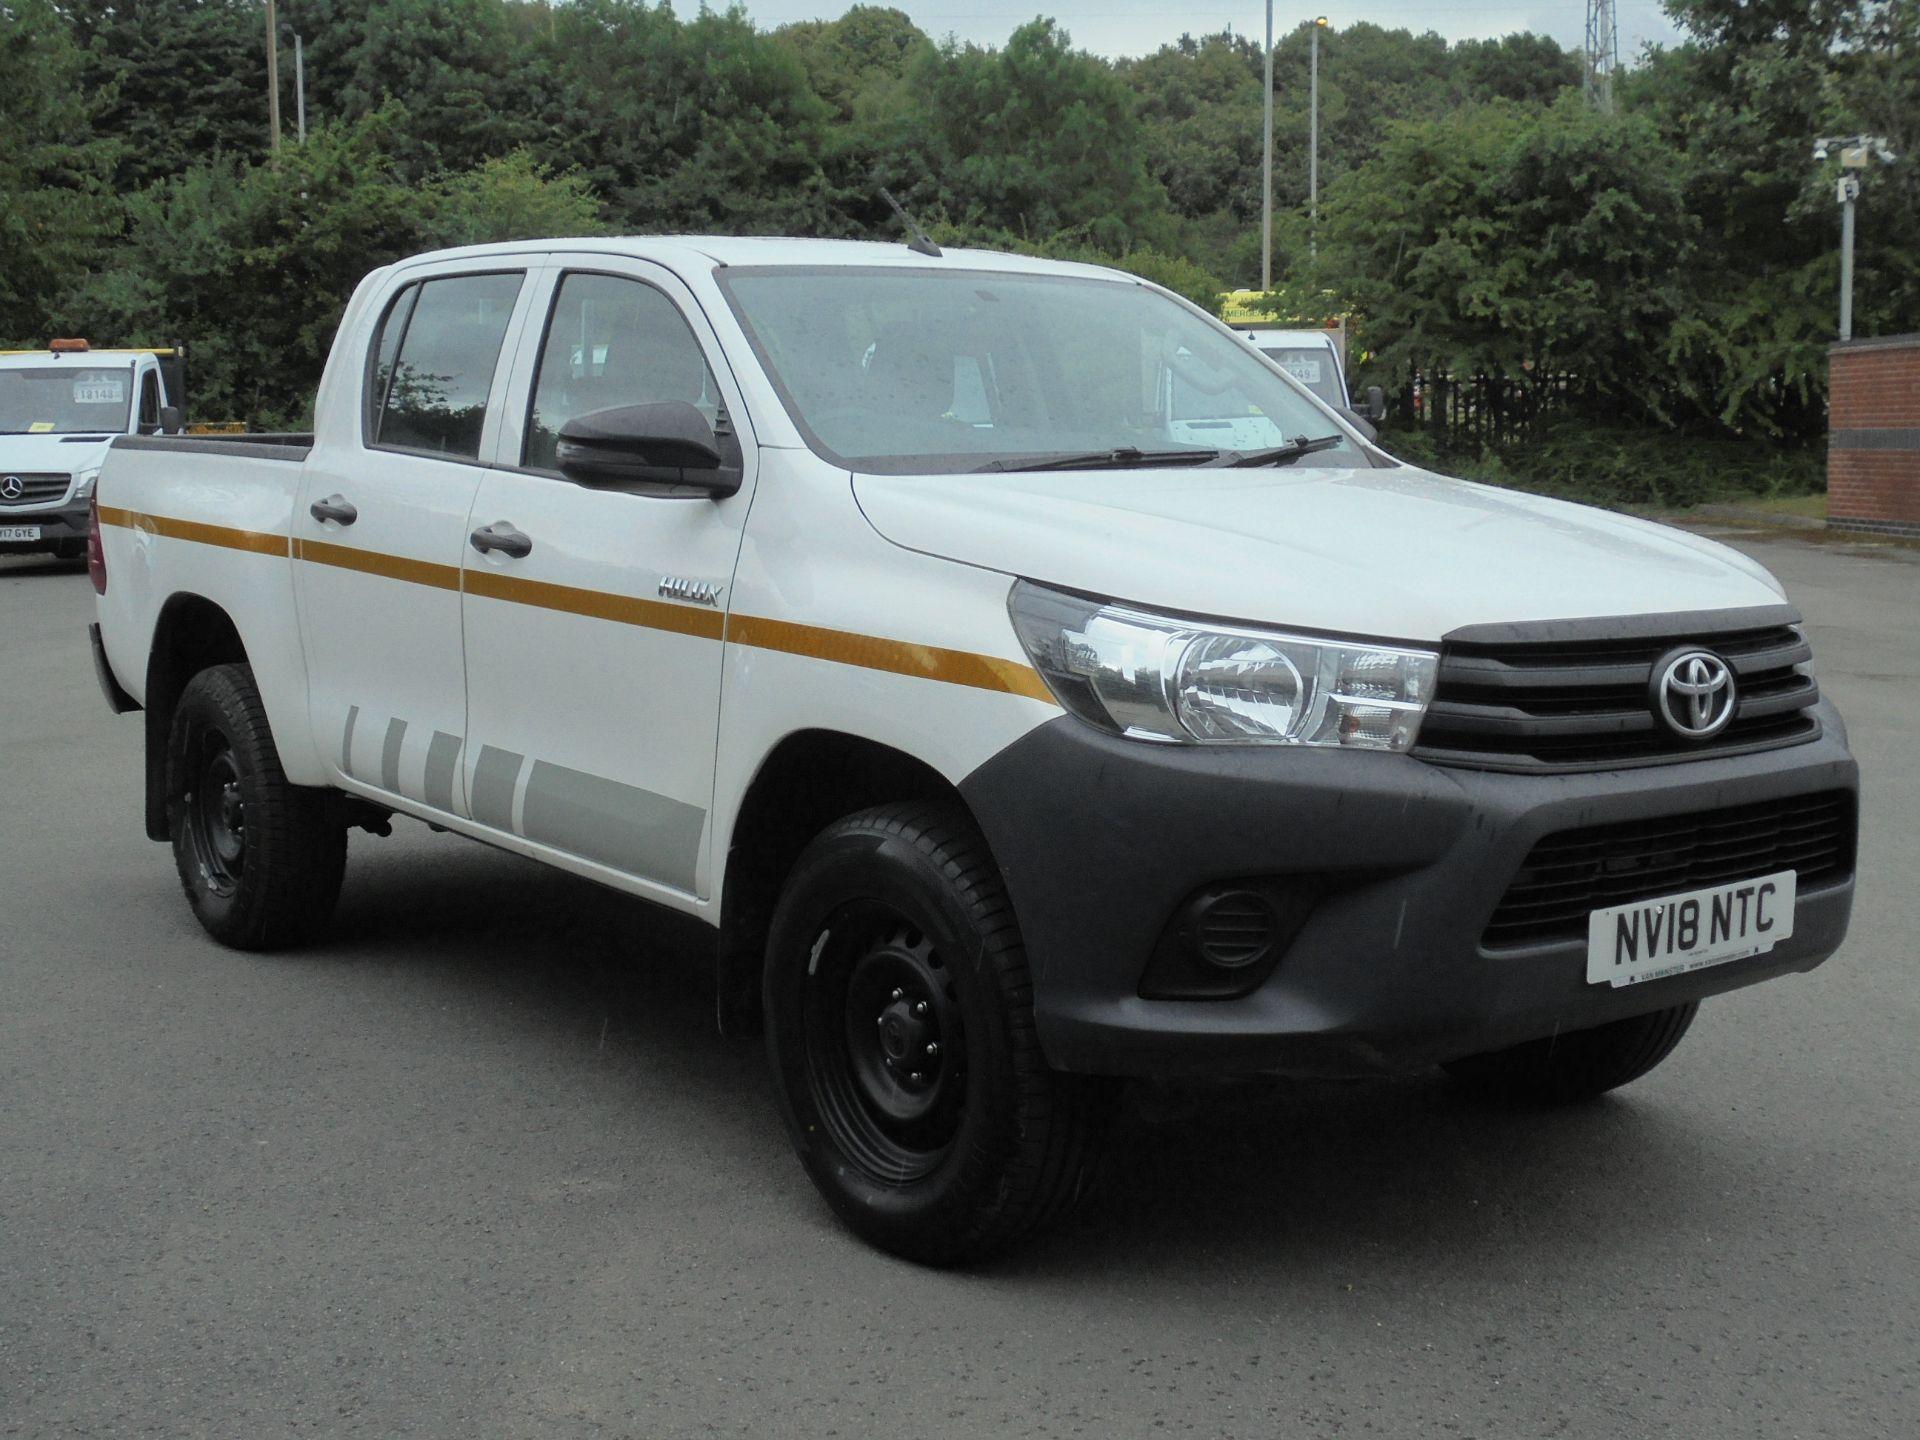 2018 Toyota Hilux Active D/Cab Pick Up 2.5 D-4D 4Wd 144 (NV18NTC)